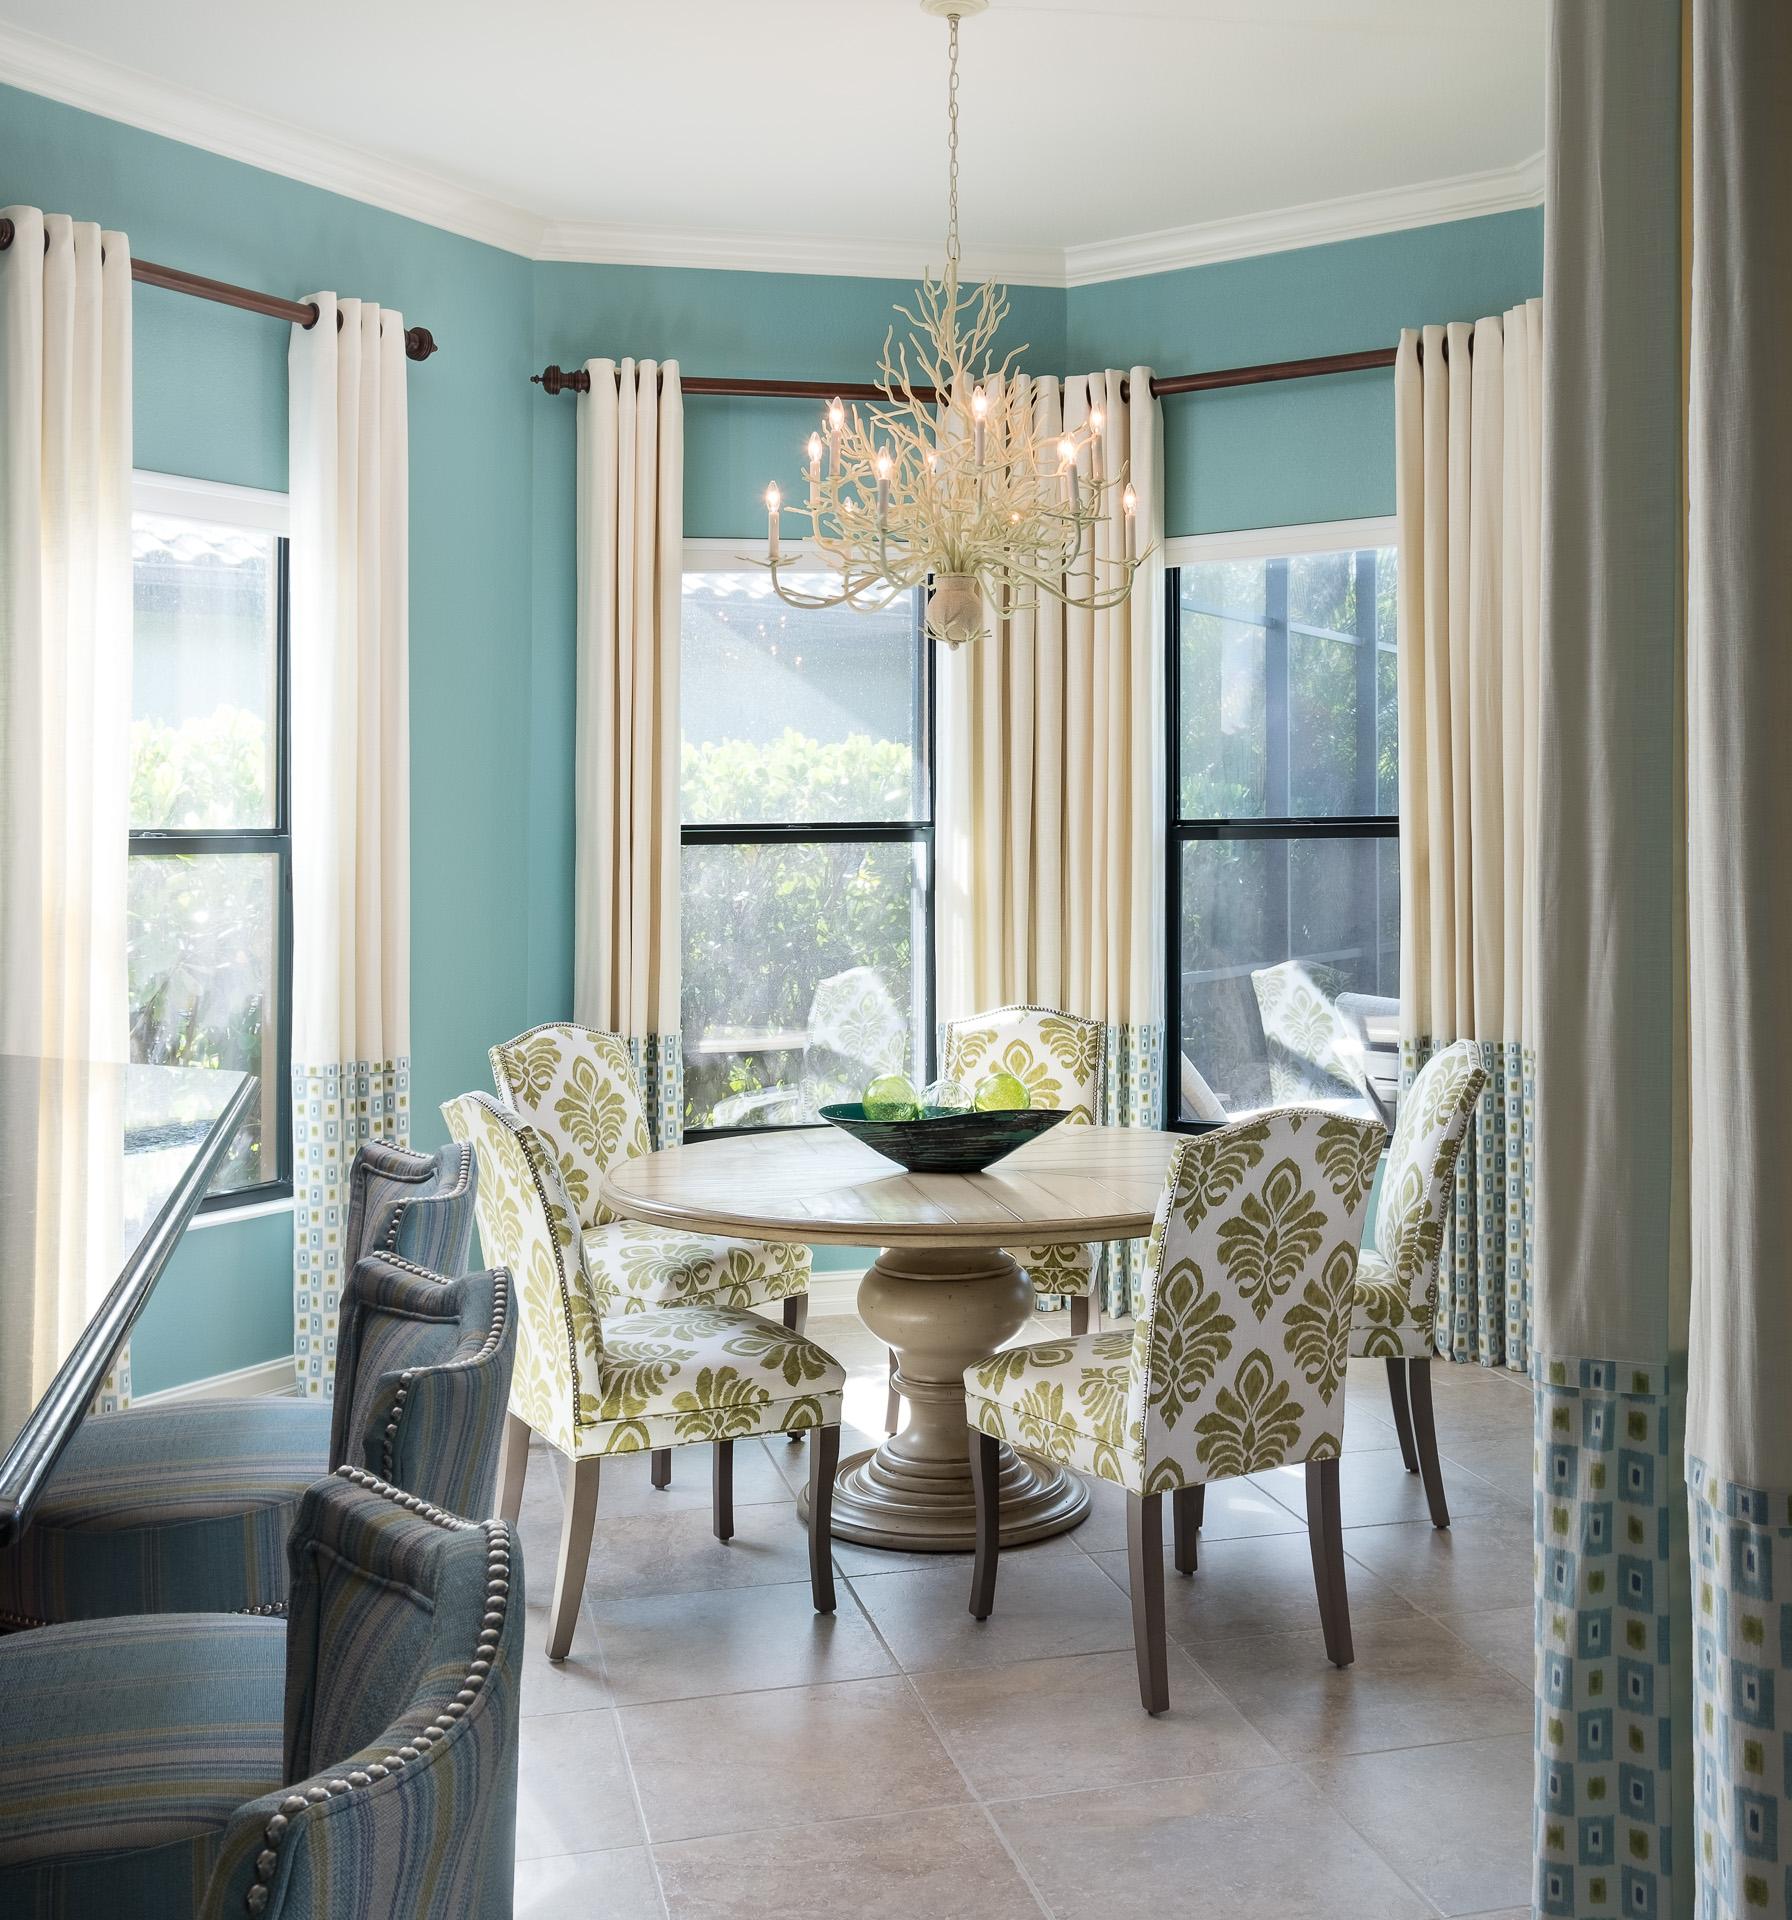 Interior Designers And Decorators: Interior Design Photographer